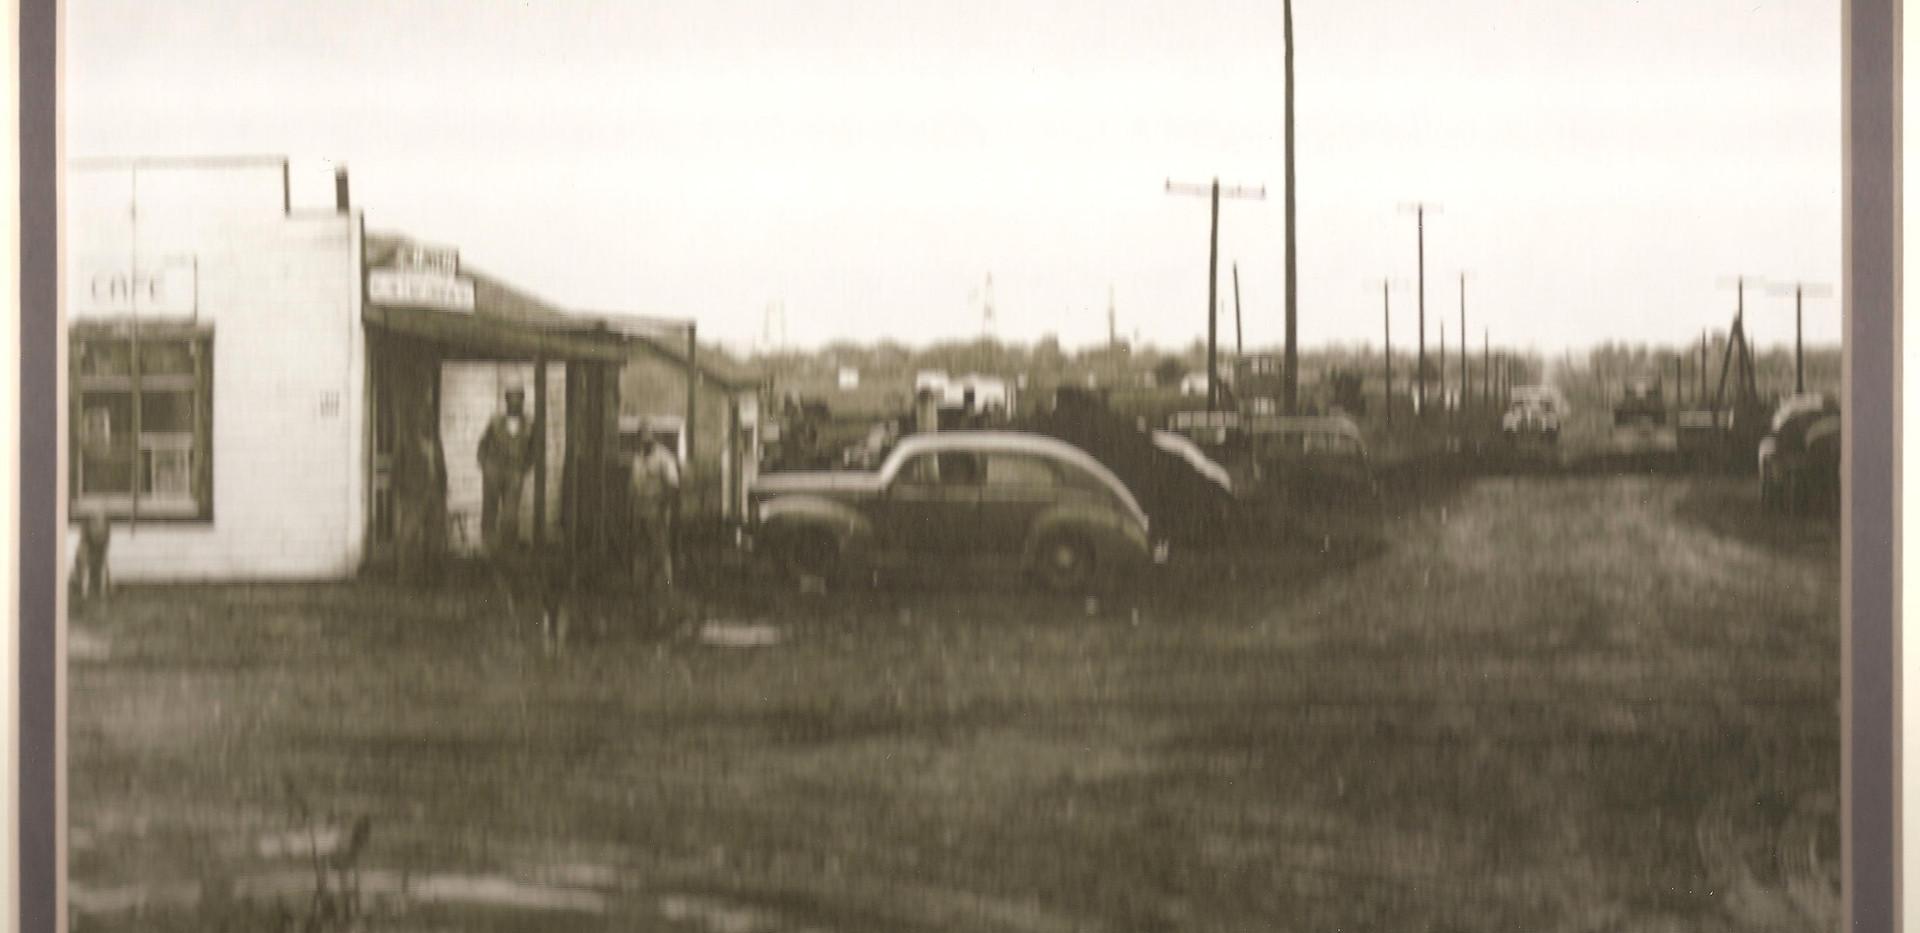 Service station near oil field.